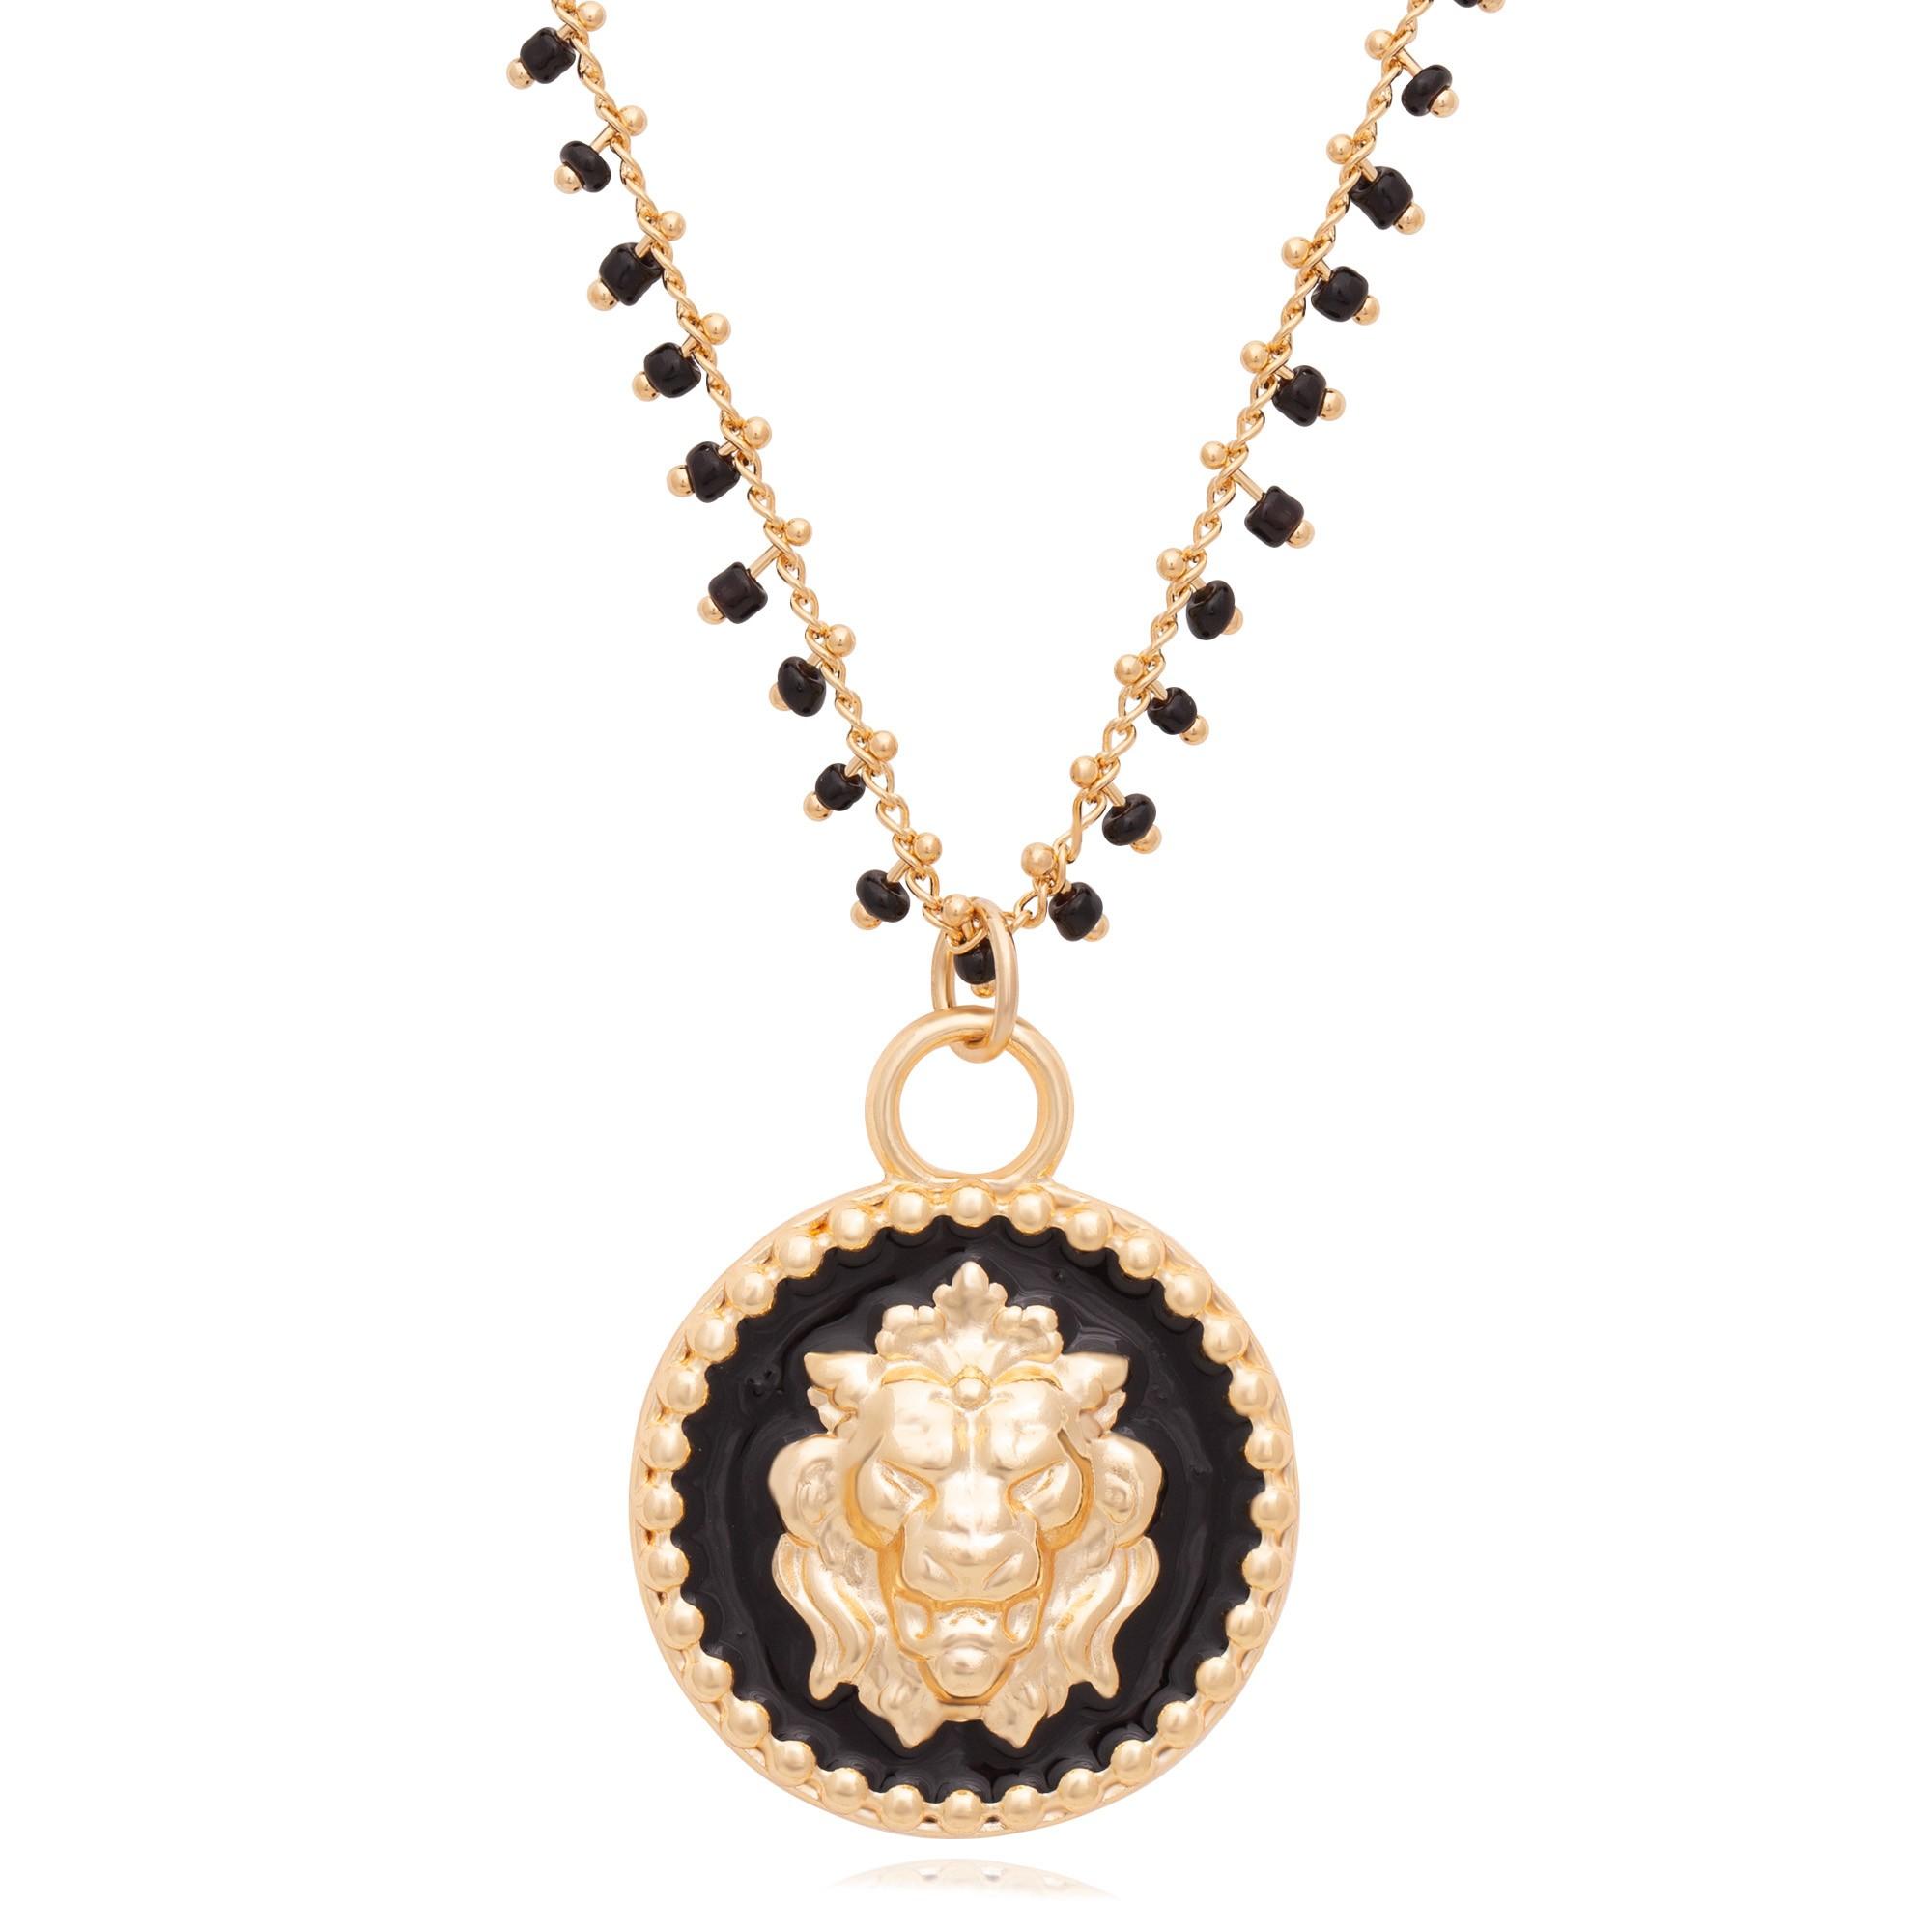 Colar cristais pretos com mandala de leão banhado a ouro 18K  - romabrazil.com.br